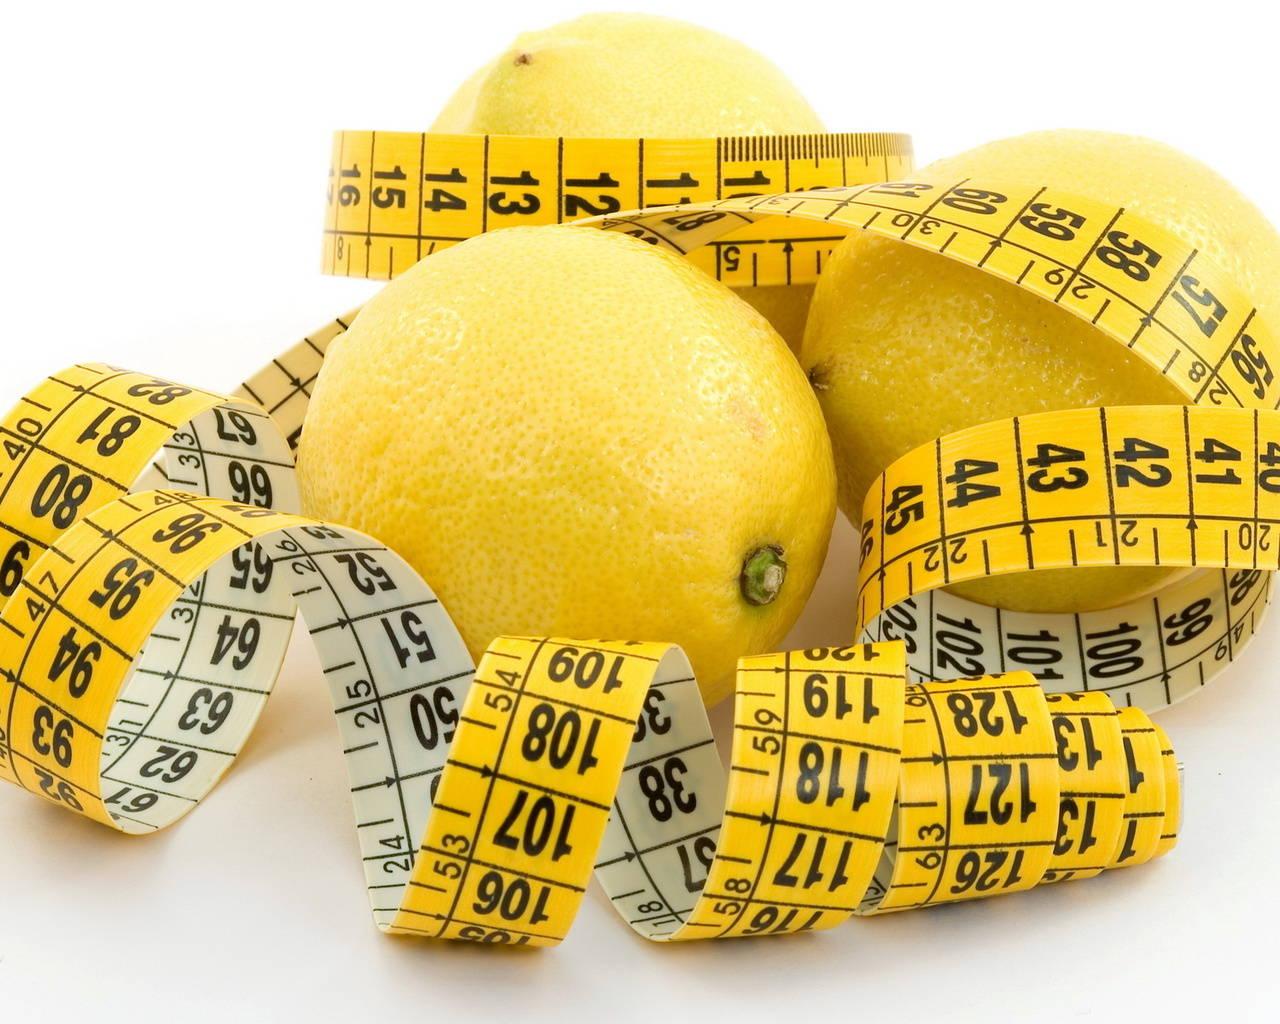 Лимонная диета: эффективный метод похудения, который укрепляет иммунитет